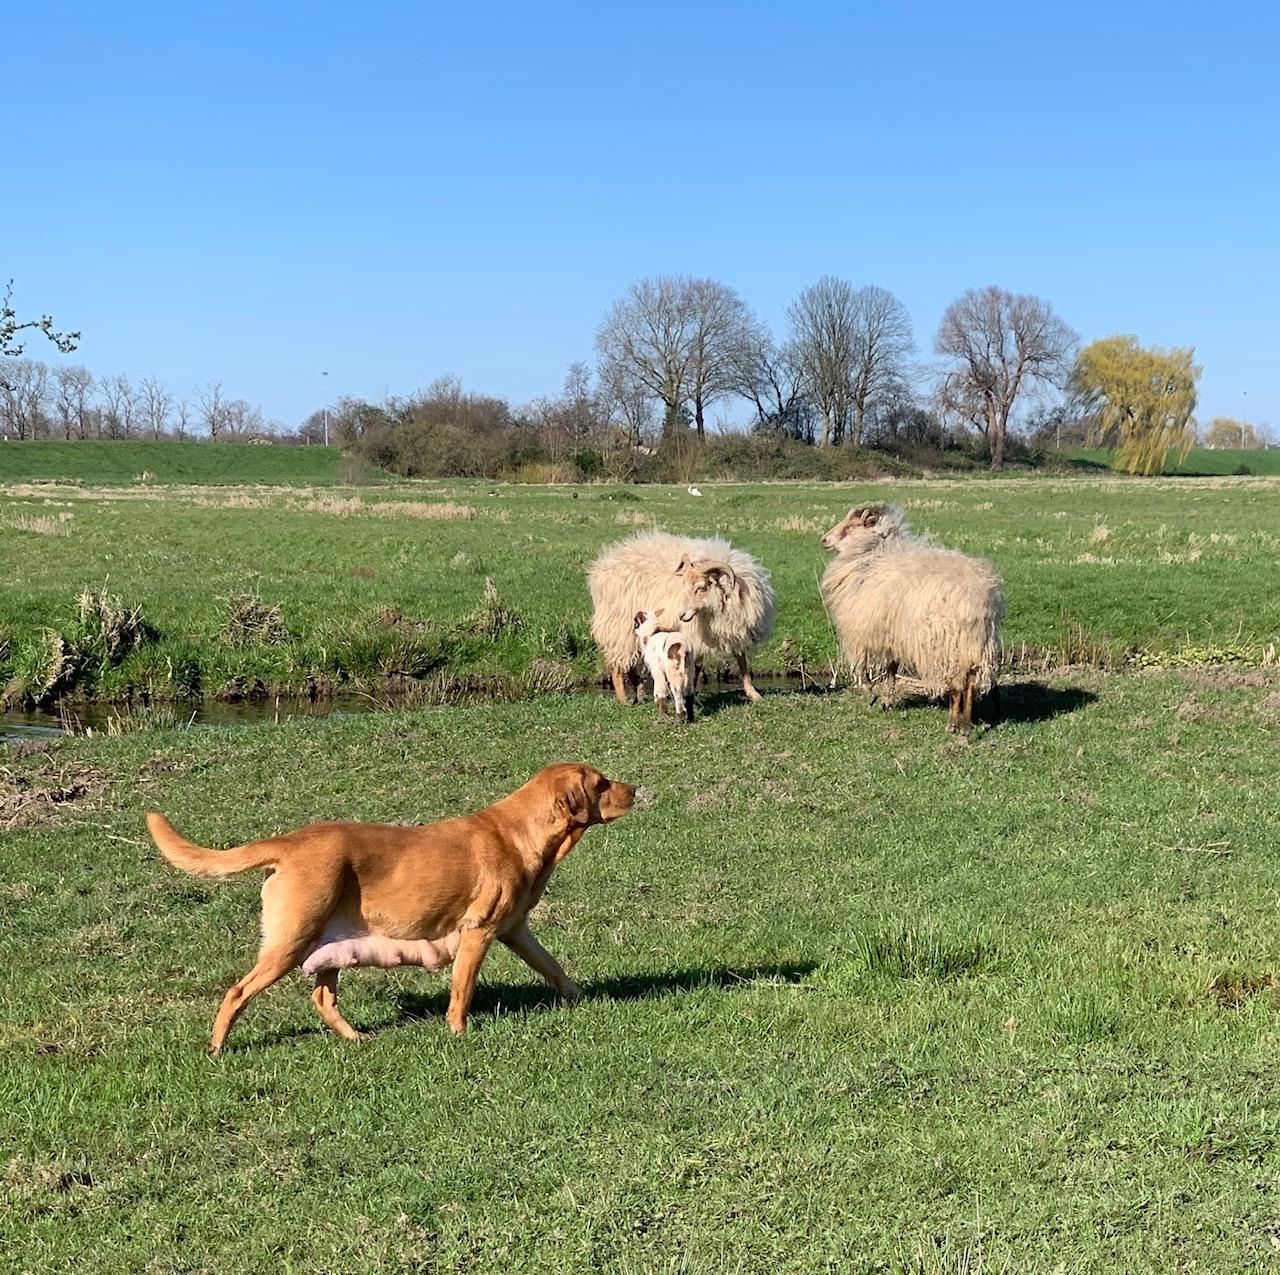 We laten Rosa alleen op eigen weiland uit. Nog even niet op plaatsen waar andere honden lopen.